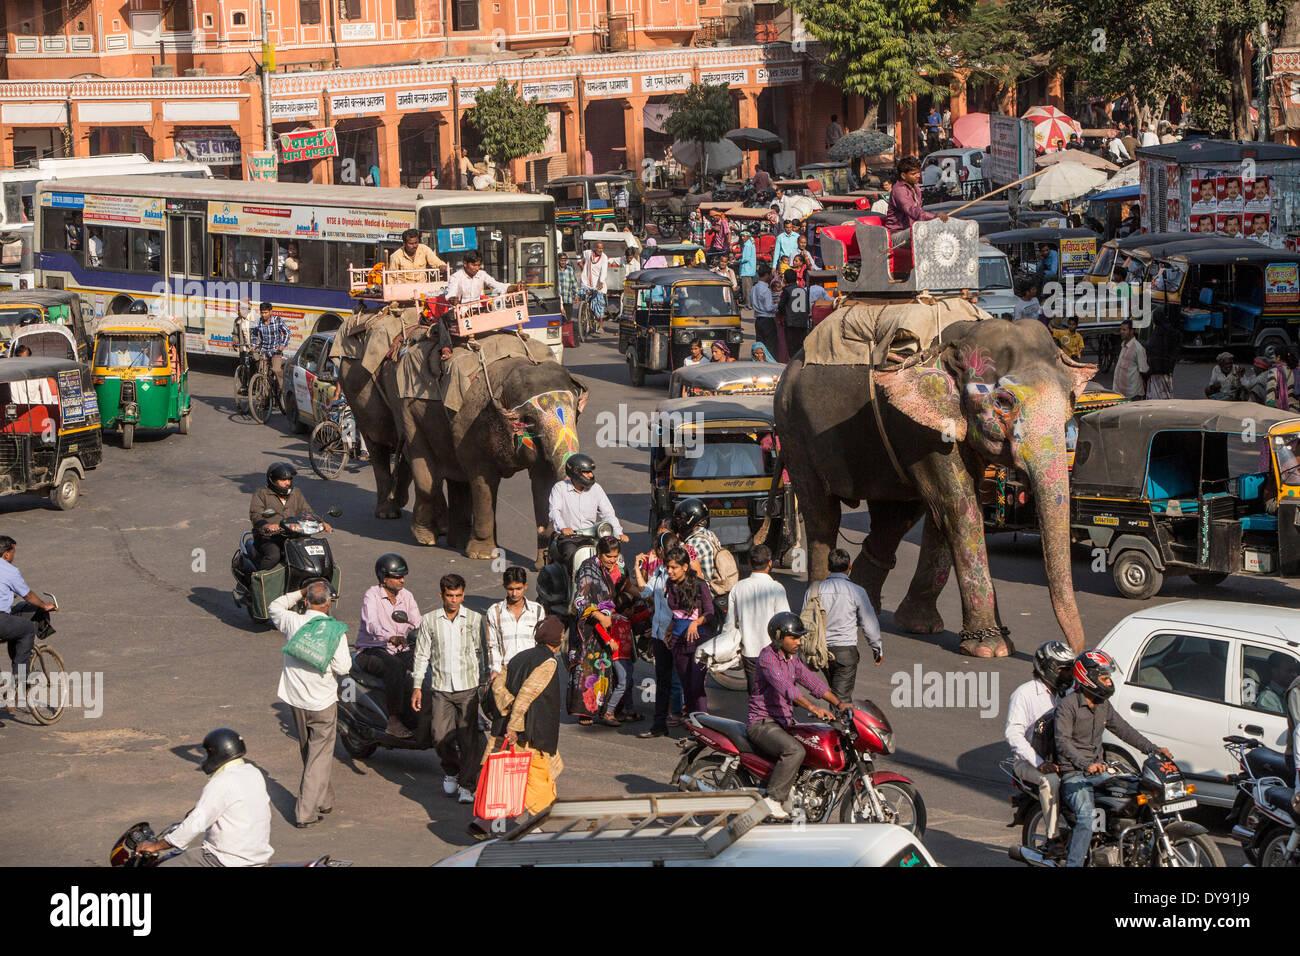 Trafic, Jaipur, Rajasthan, Inde, Asie, l'Inde, de la circulation, des transports, de l'éléphant, voitures, automobiles, motos, motos, Photo Stock